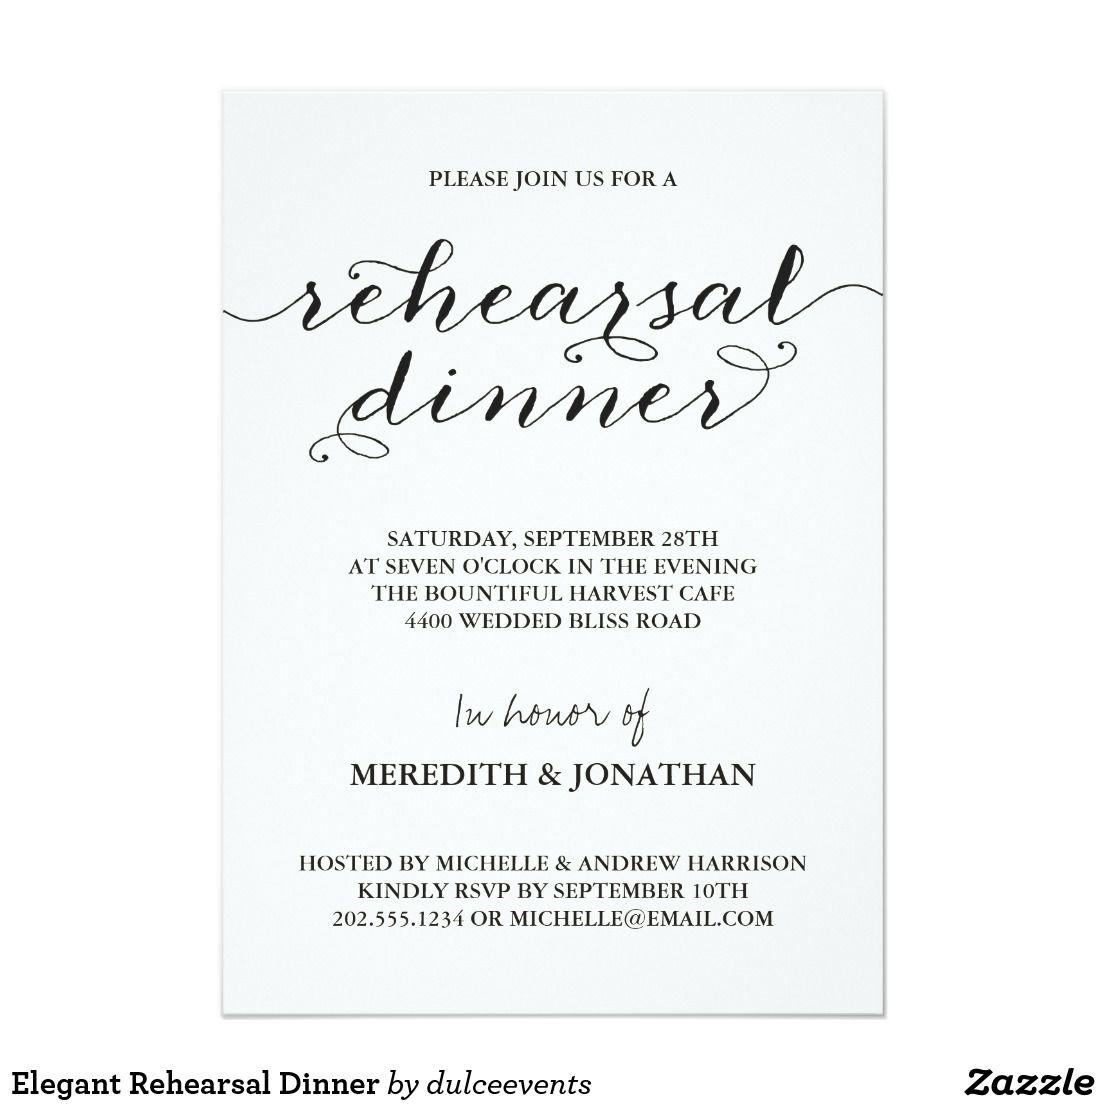 Elegant Rehearsal Dinner Card This elegant, black and white ...